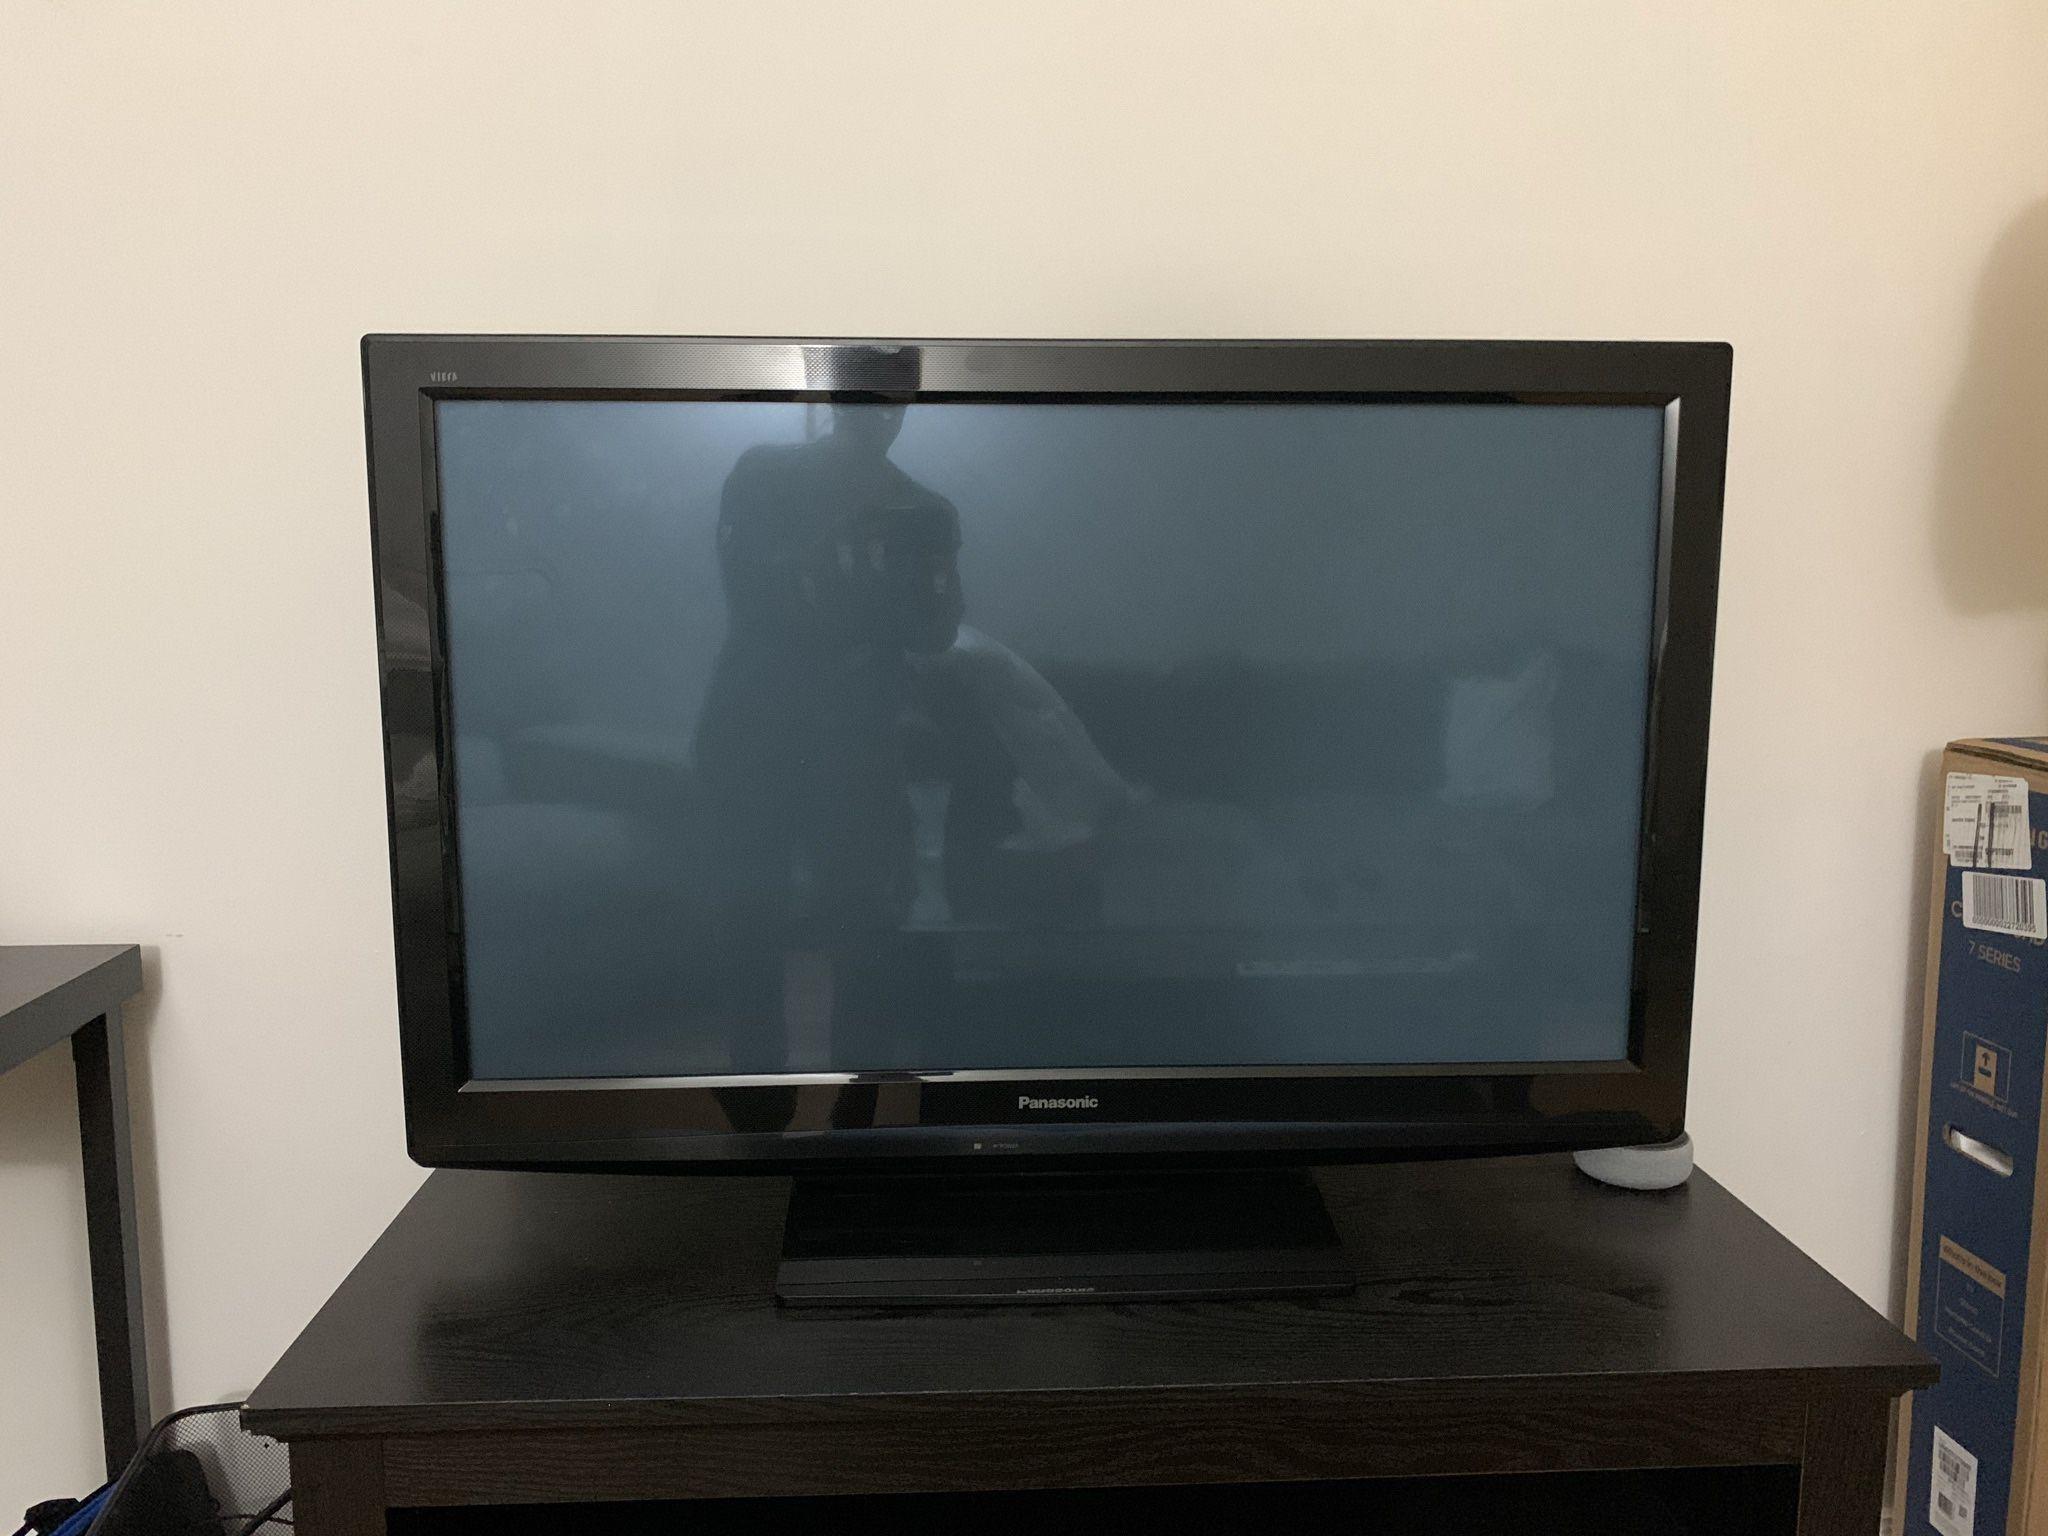 42' Panasonic TV